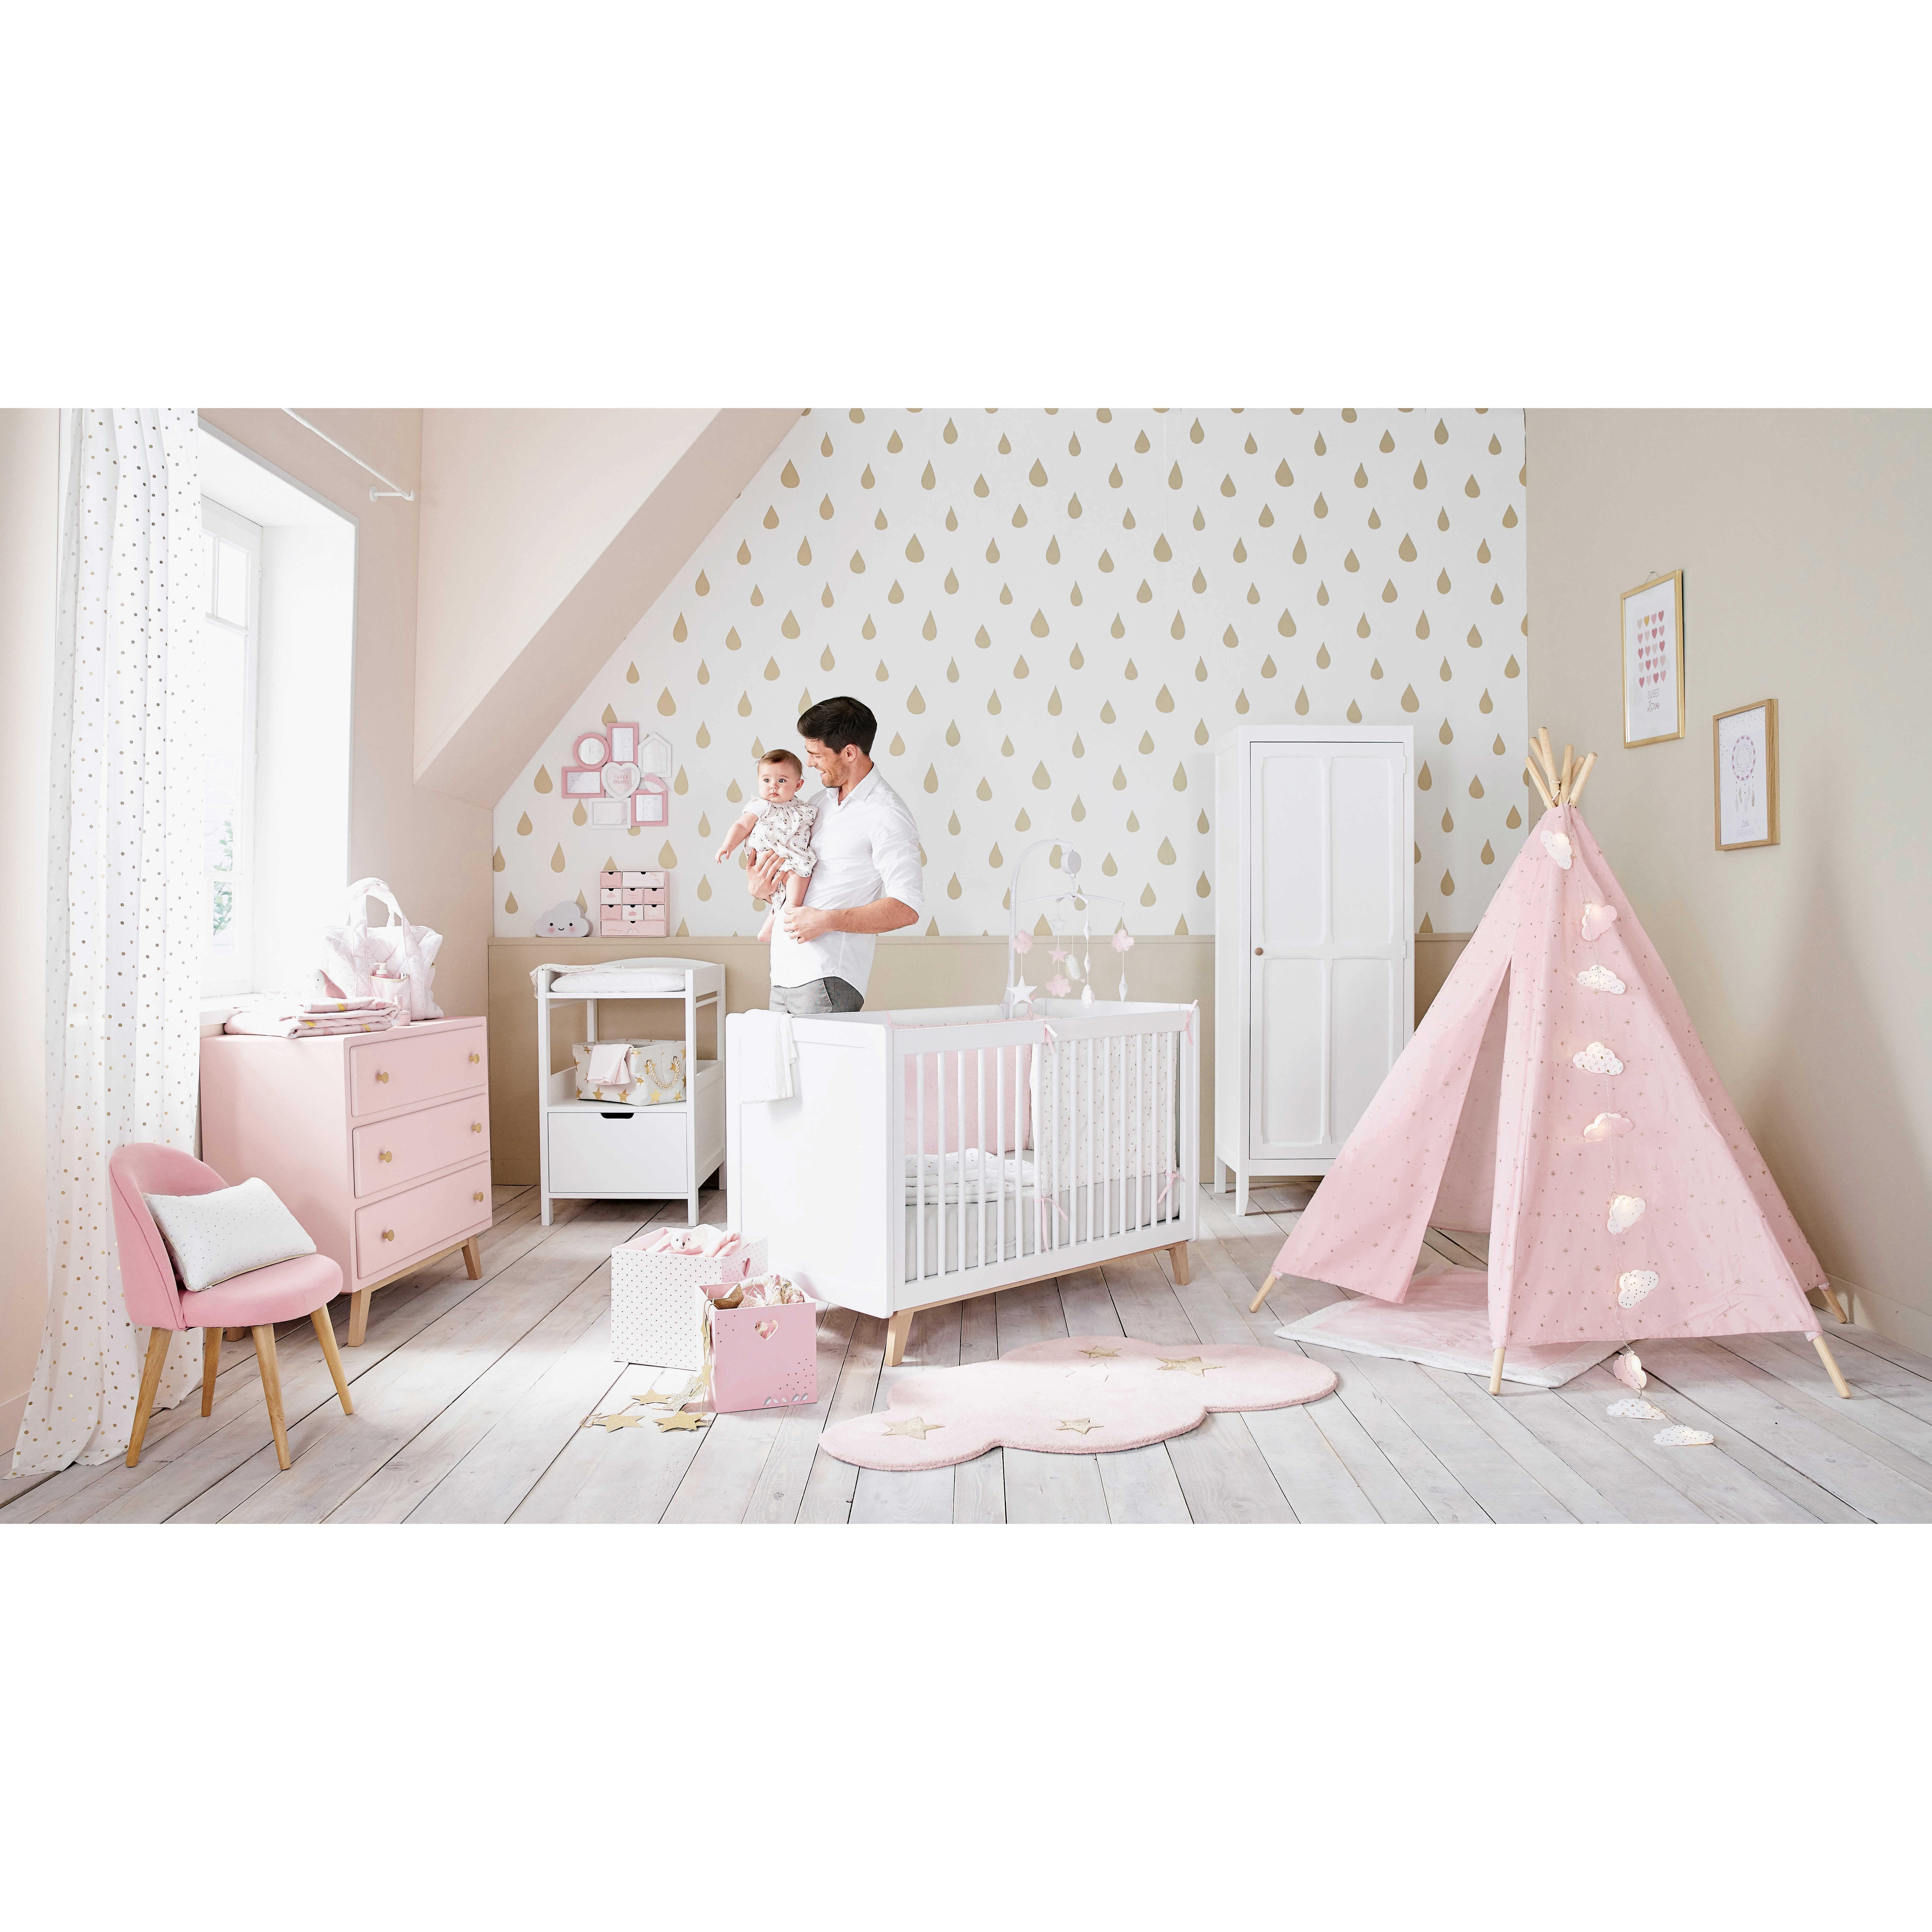 nestchen für babybett aus rosa-weißer baumwolle   maisons du monde, Schlafzimmer entwurf